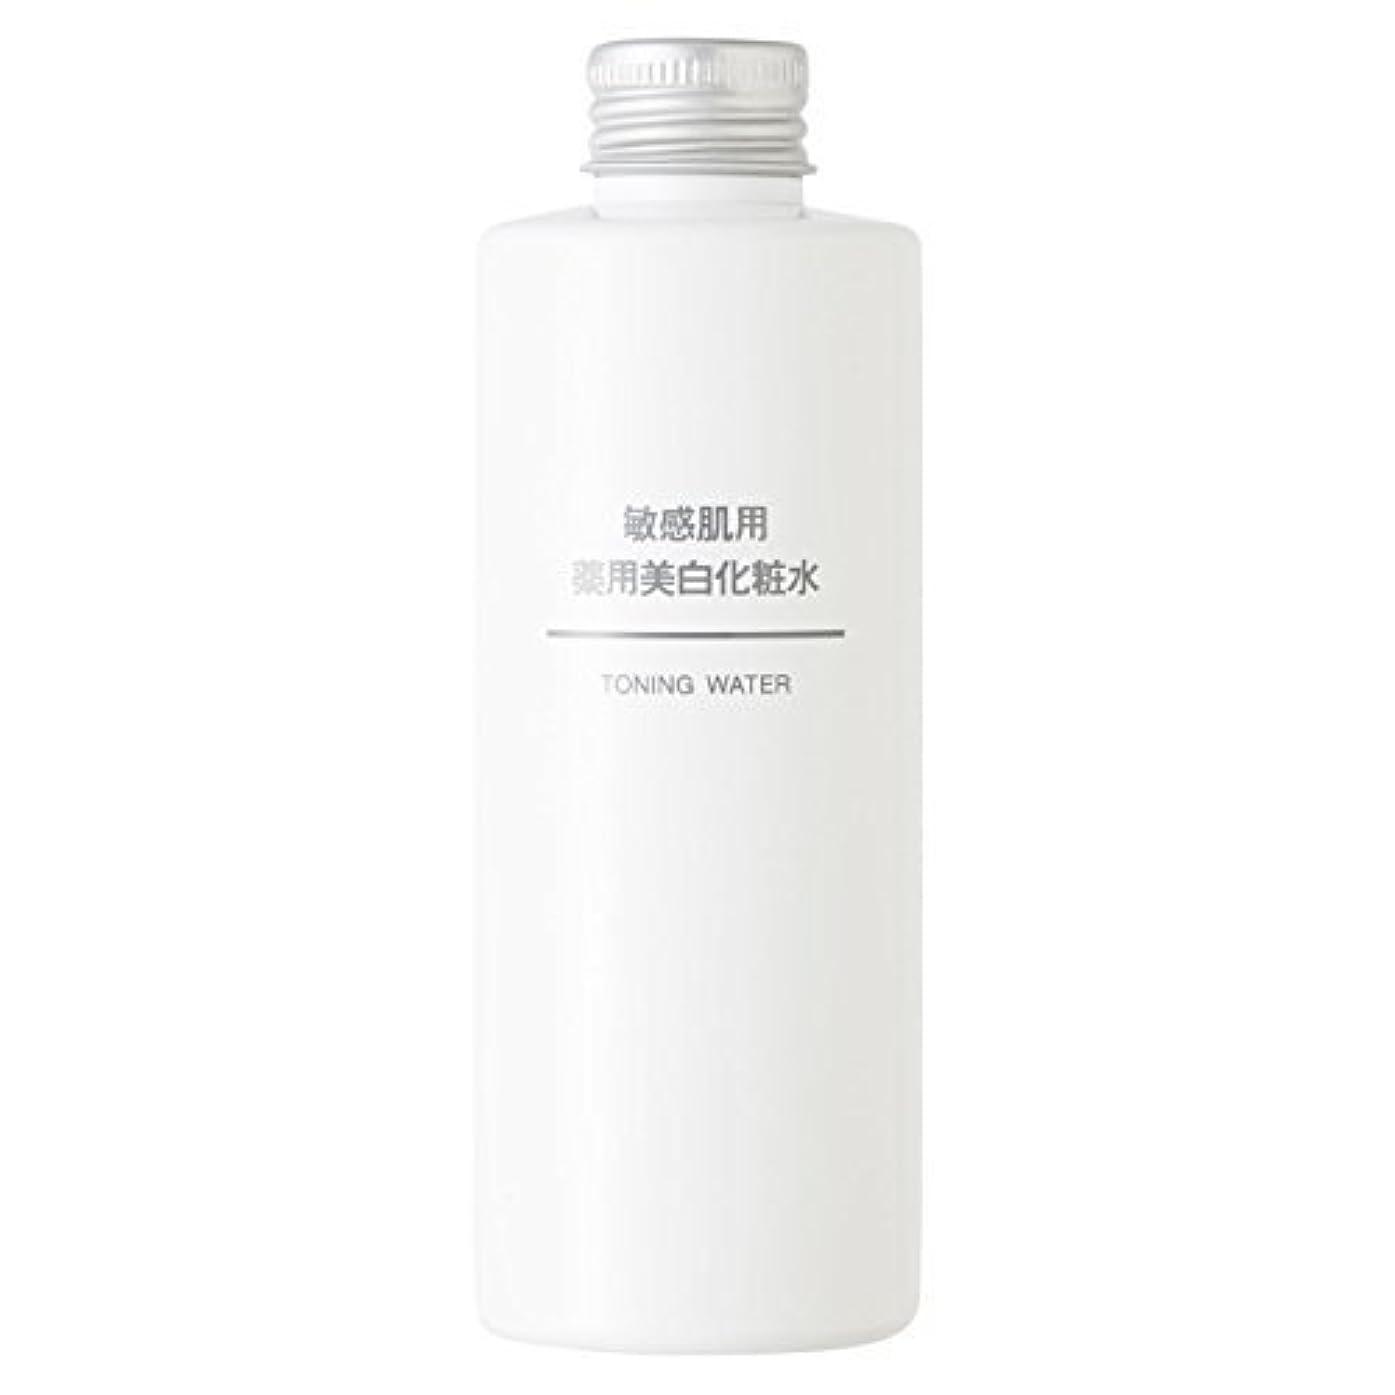 パートナー吹きさらし狂った無印良品 敏感肌用 薬用美白化粧水 (新)200ml